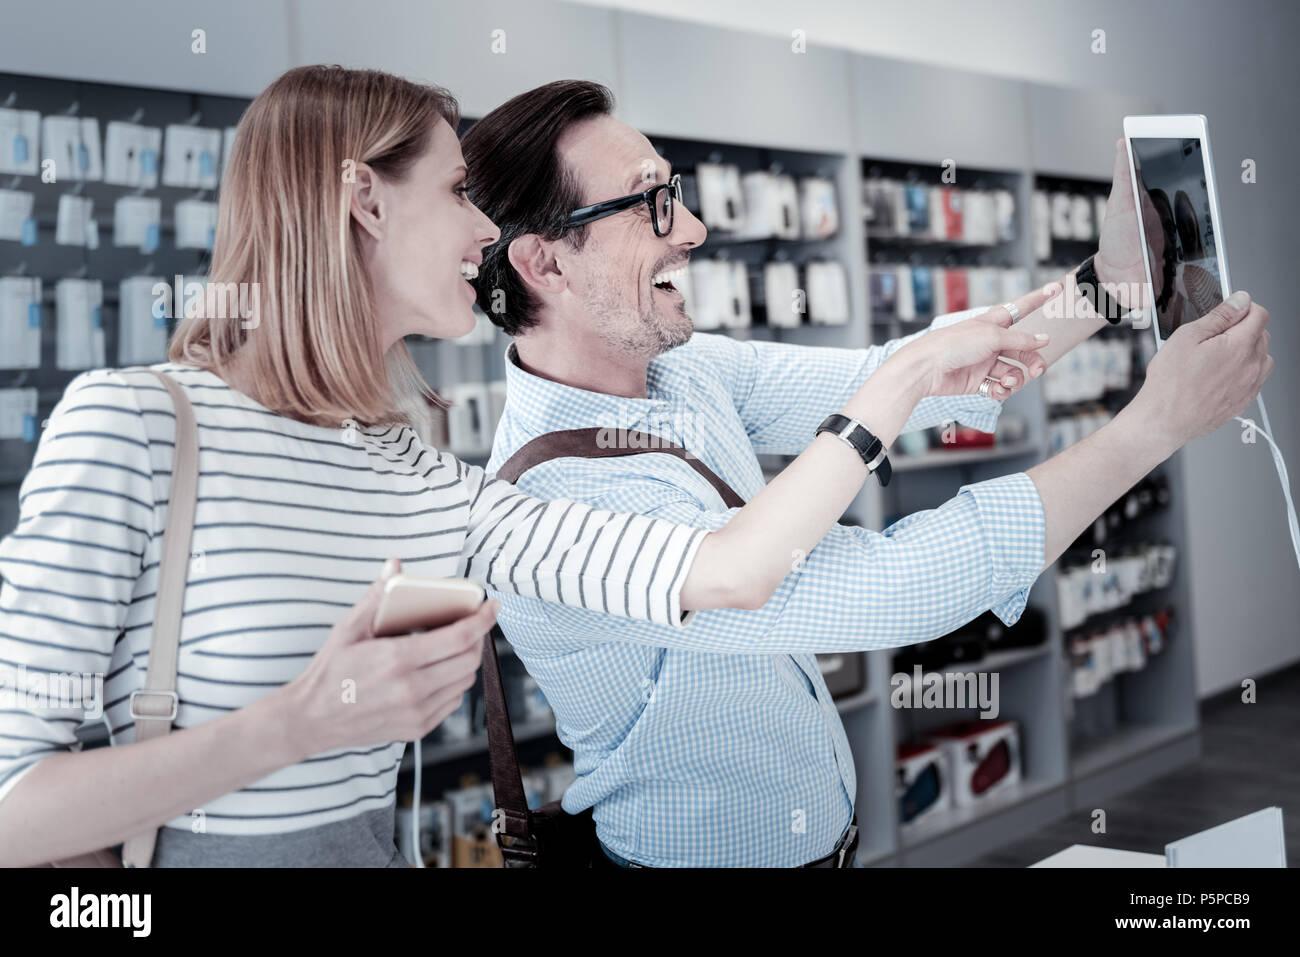 Lindo gracioso gente tomando una fotografía en una tienda. Foto de stock